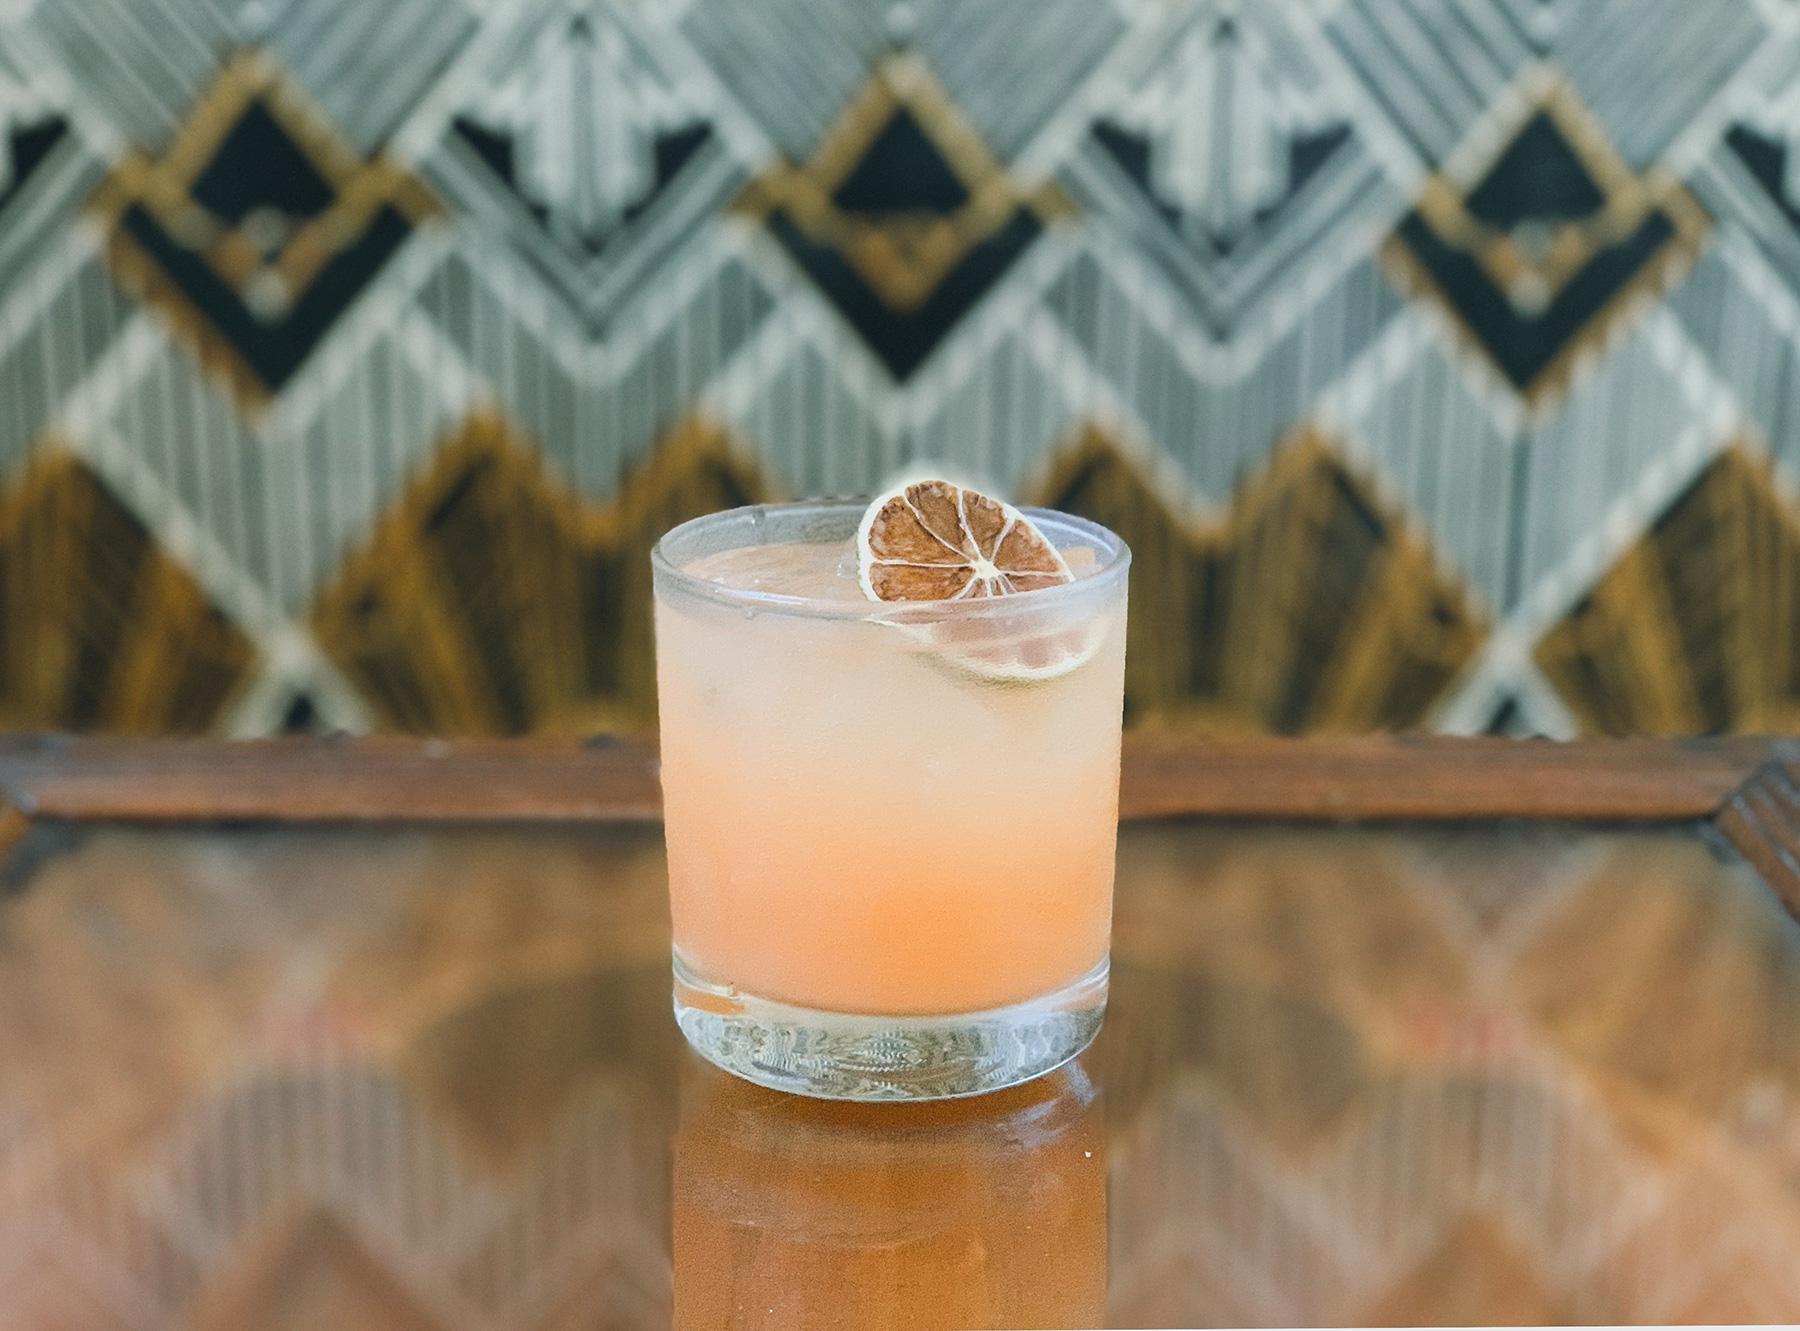 Kiesling-cocktail-special_Davidson-01.jpg